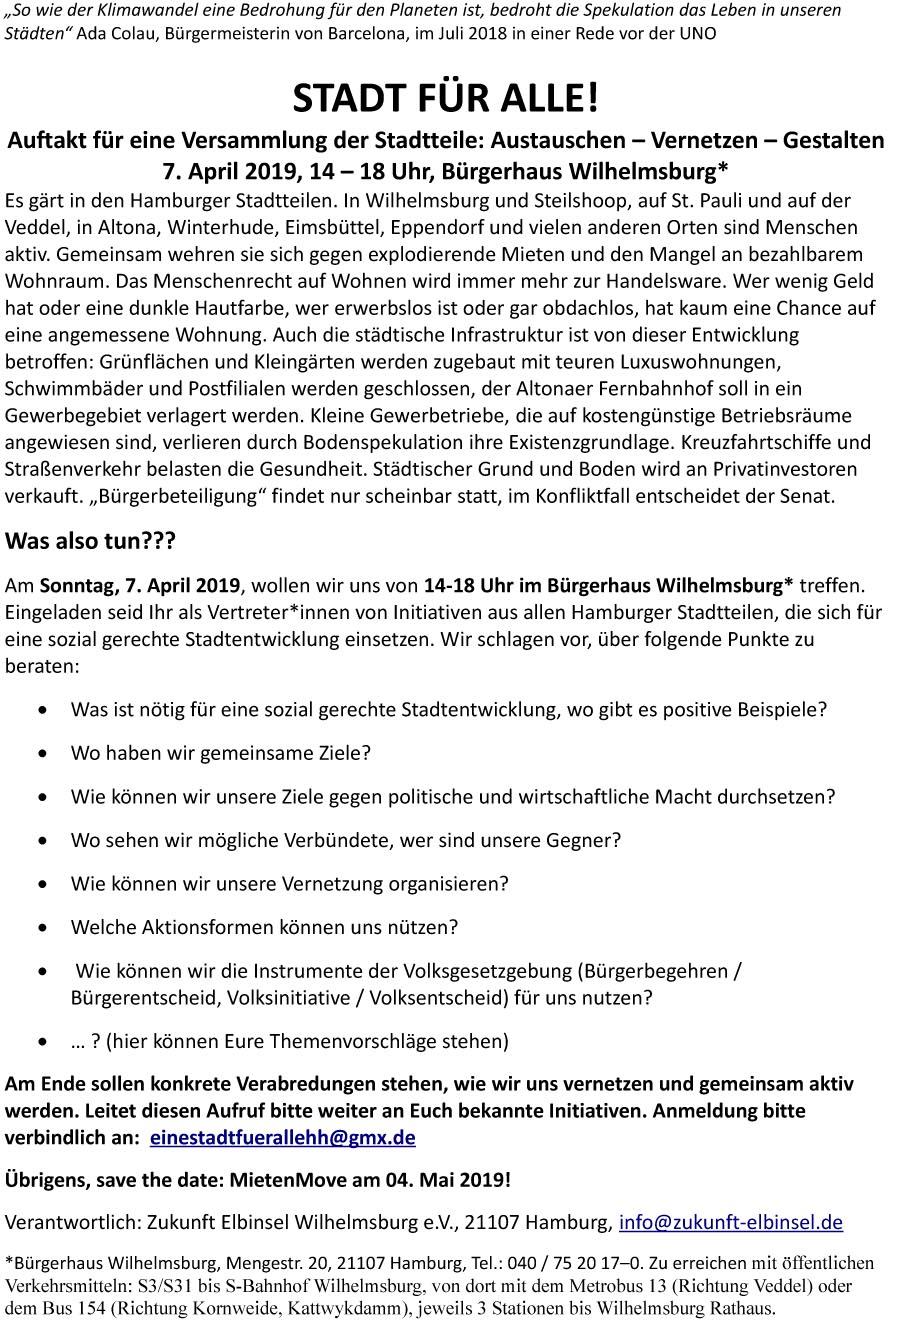 Aufruf_STADT_FÜR_ALLE